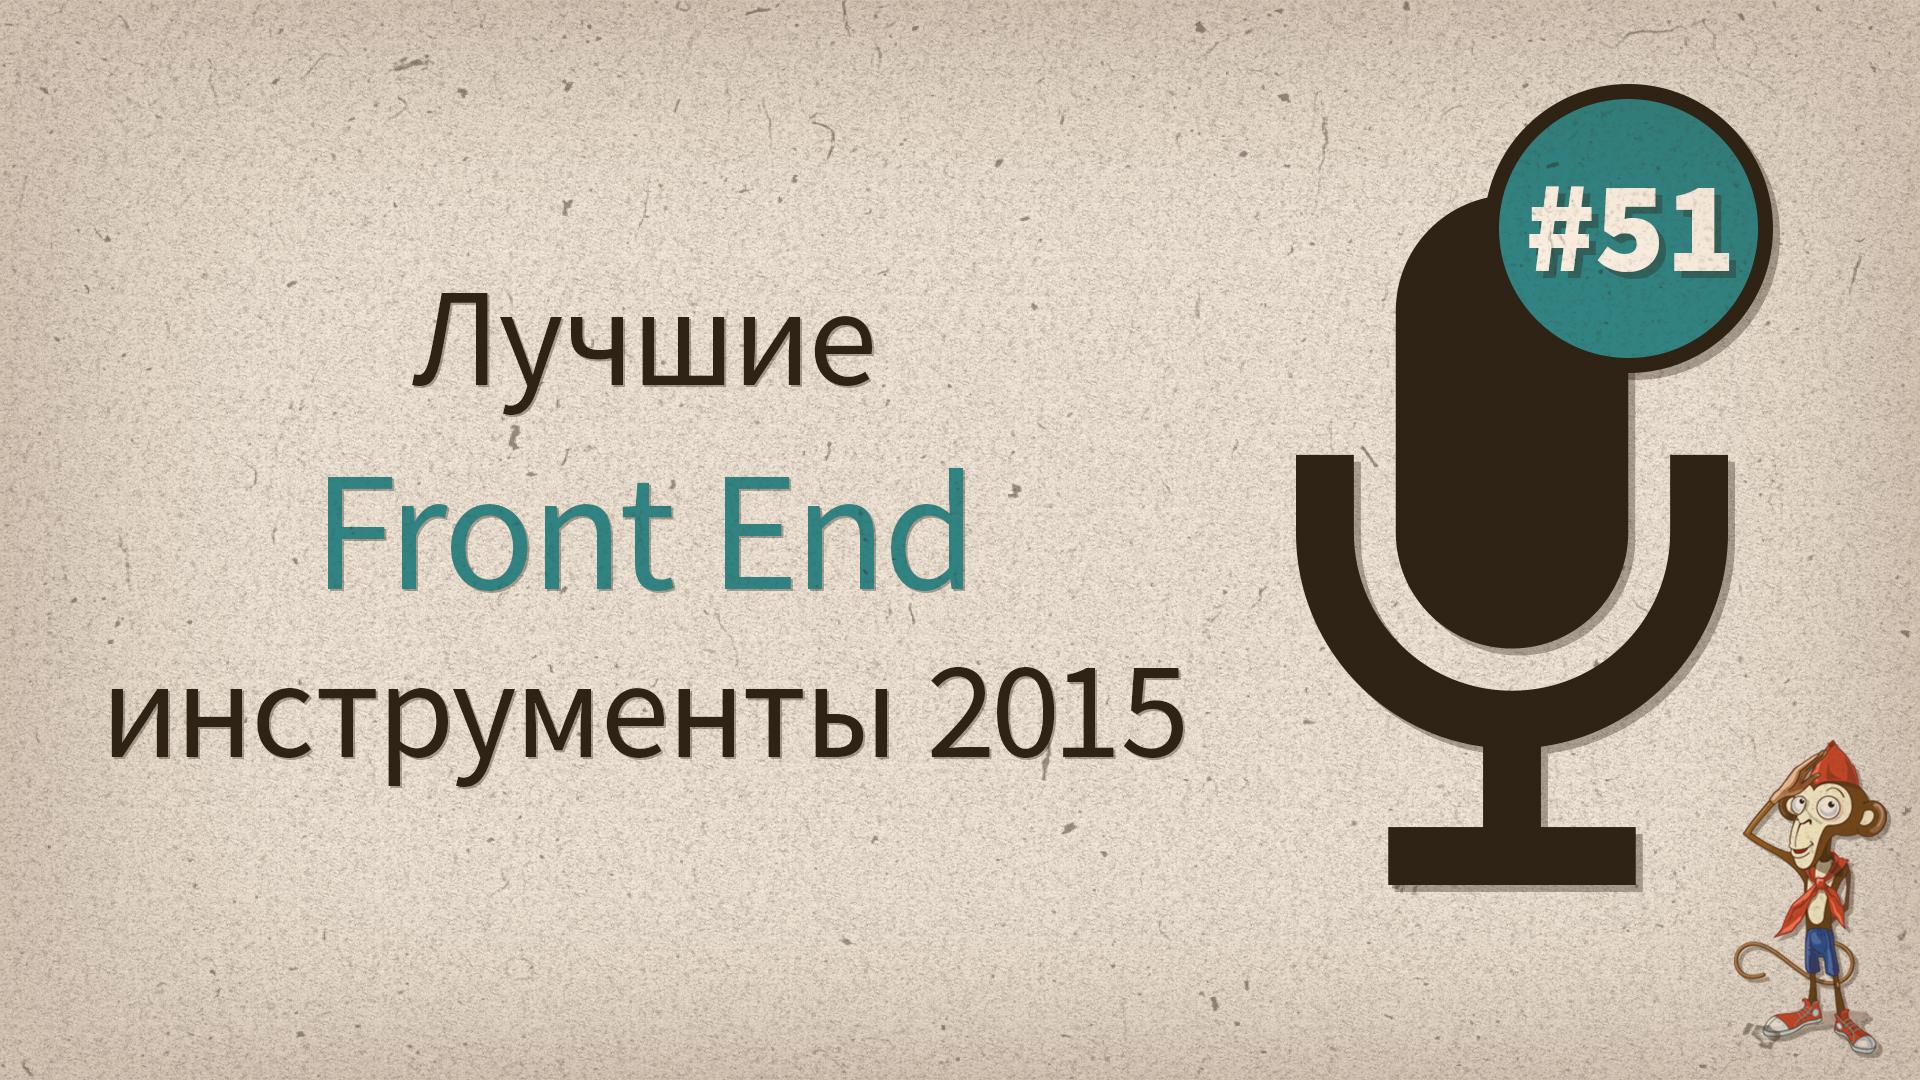 Лучшие Front End инструменты 2015 года